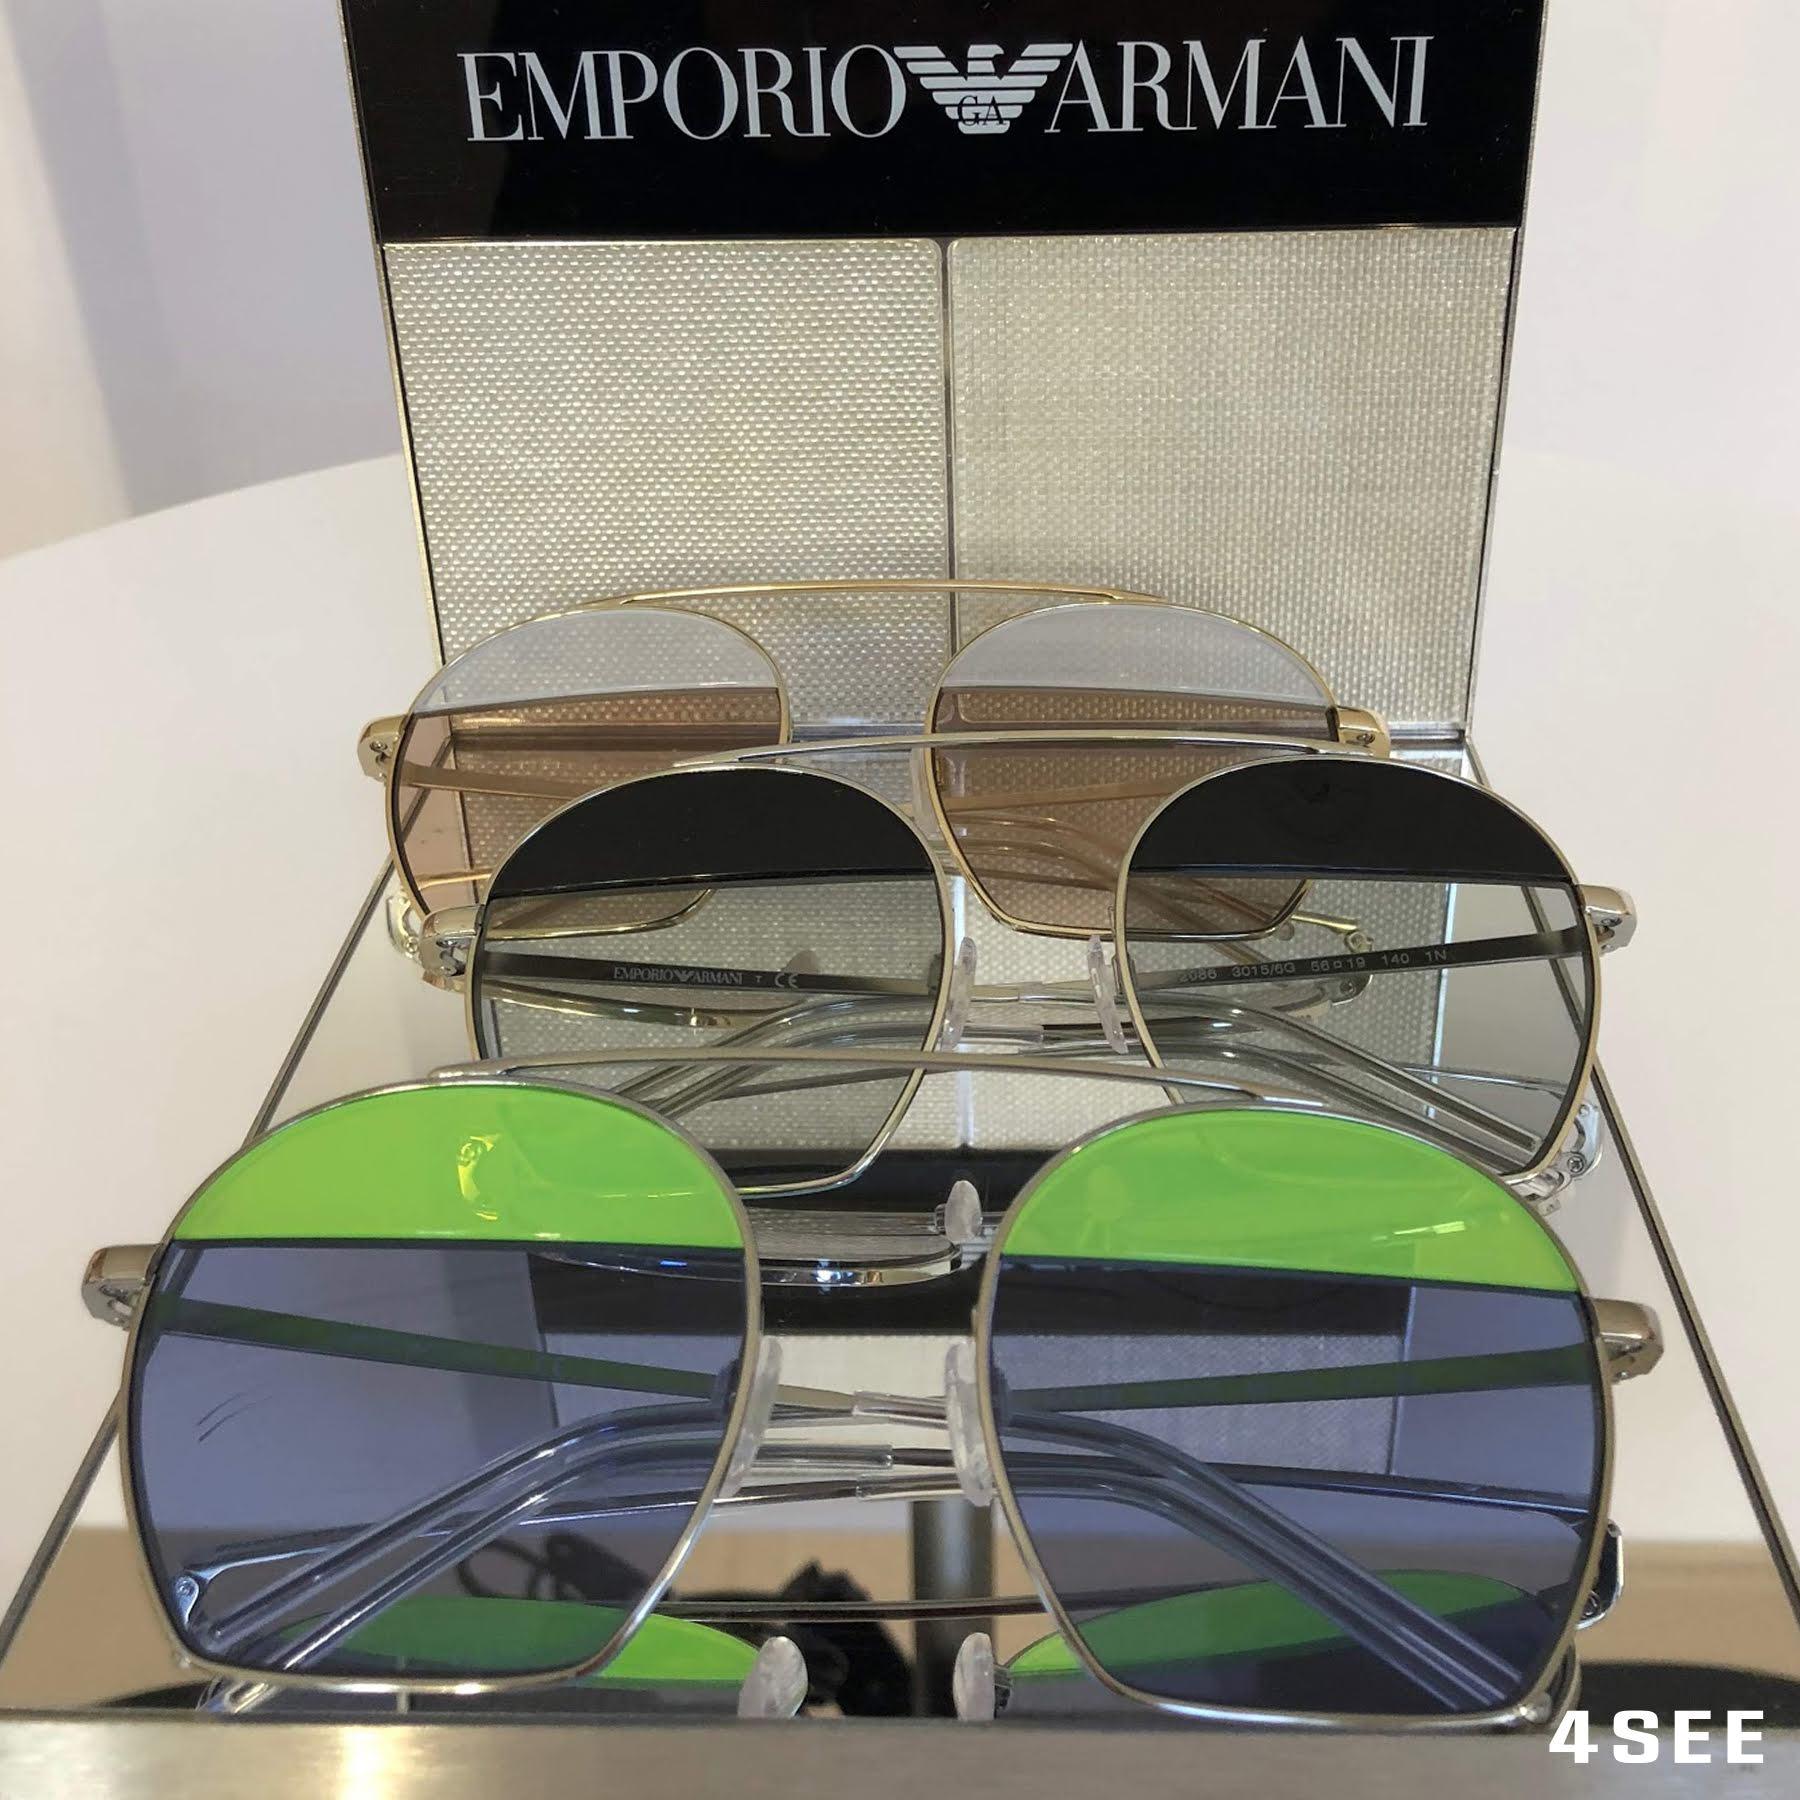 Emporio Armani 4